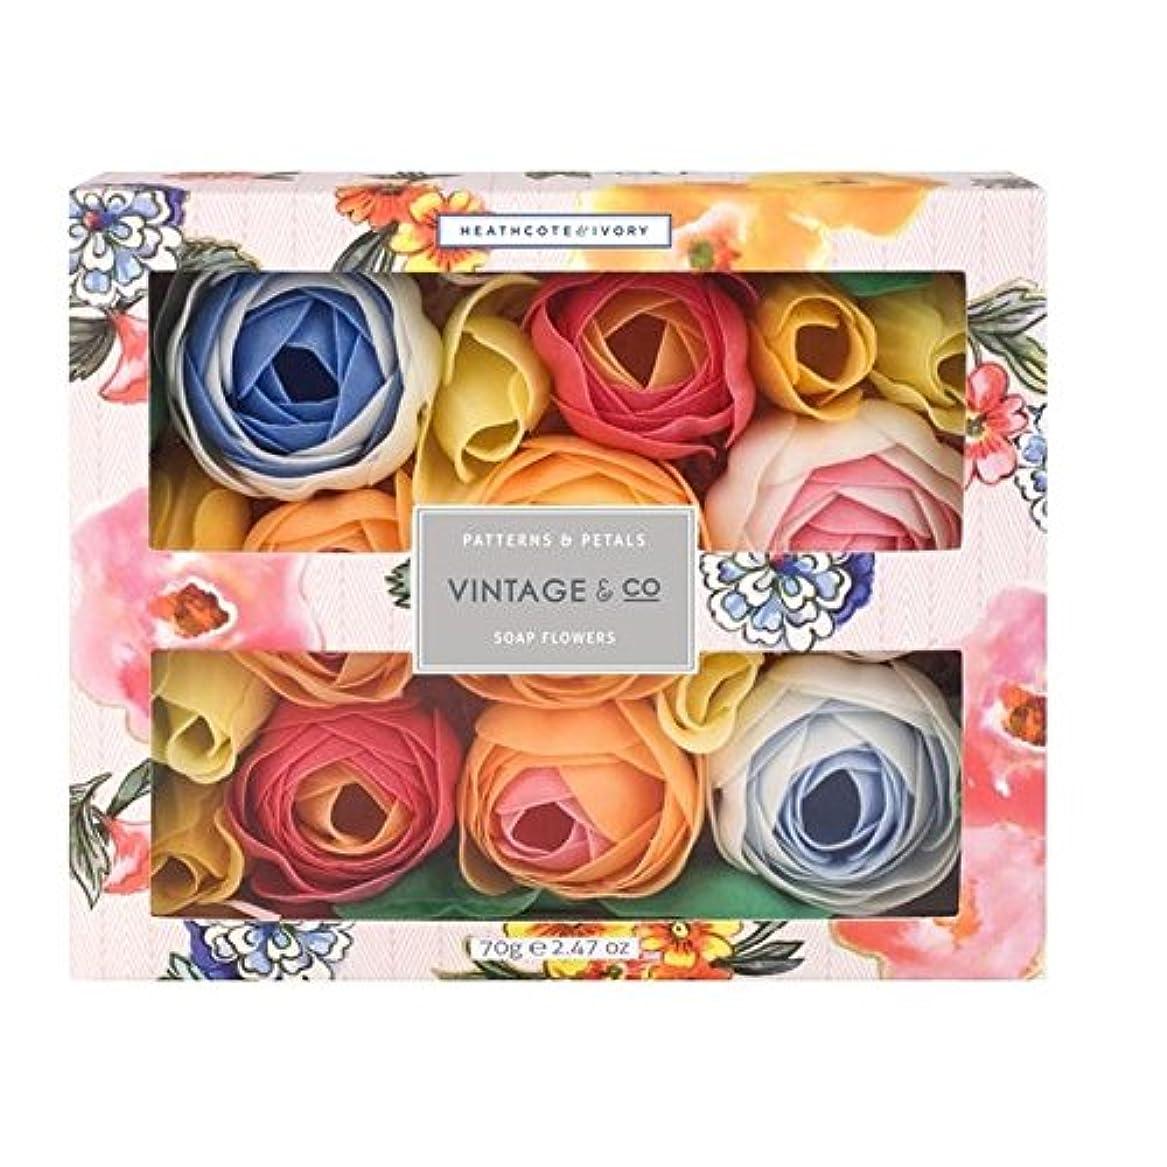 果てしない内陸野心Heathcote & Ivory Patterns & Petals Soap Flowers 70g (Pack of 6) - ヒースコート&アイボリーパターン&花びら石鹸の花70グラム x6 [並行輸入品]